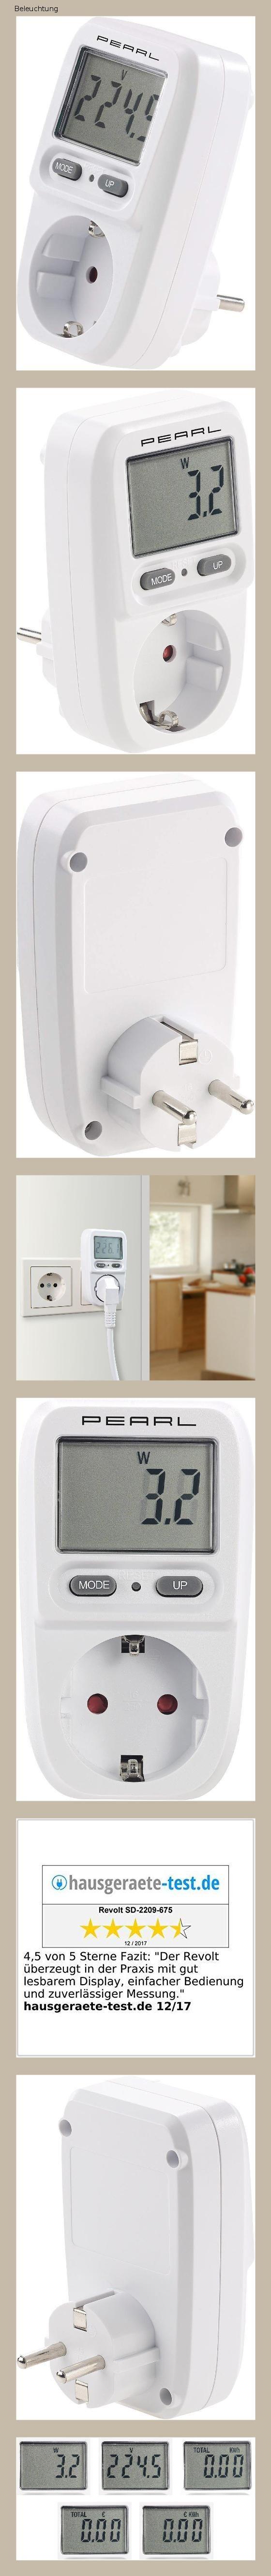 Revolt Energiekostenmesser Digitaler Energiekosten Messer Stromverbrauchs Zahler Bis 3 680 W Strommesser Stromverbrauch Energie Messer